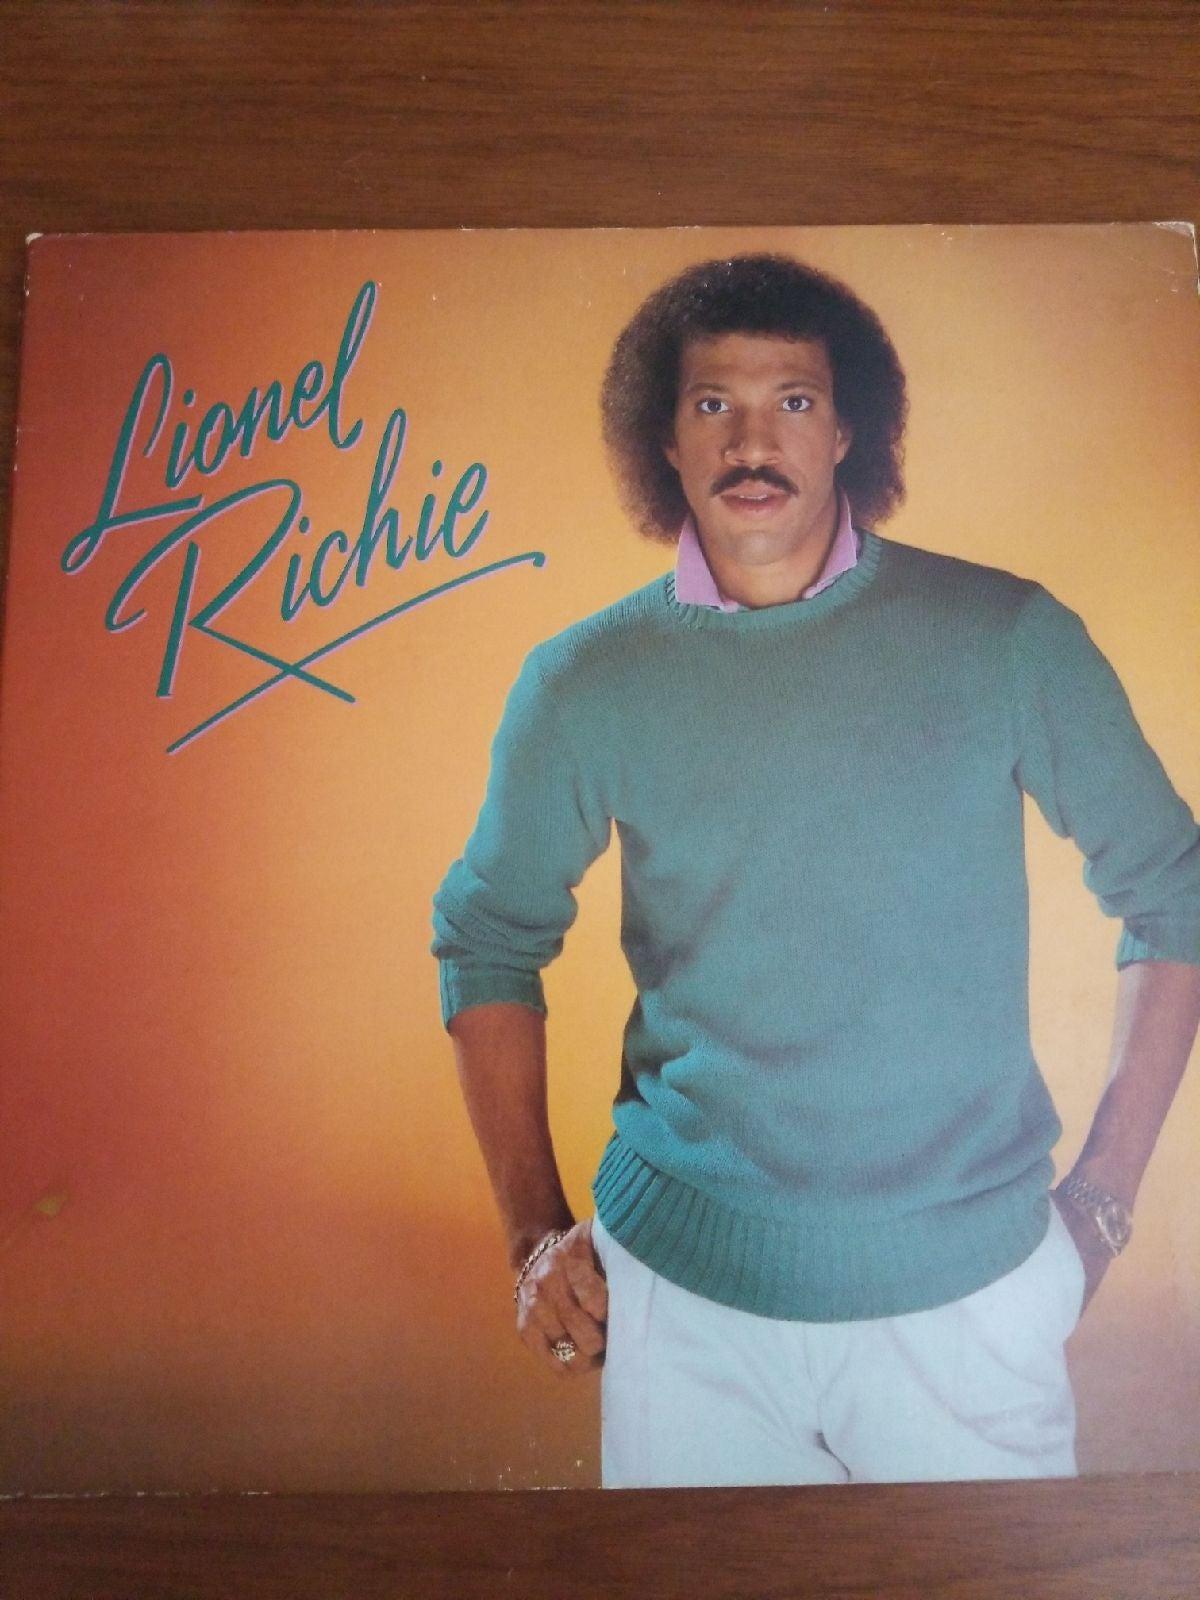 Lionel Richie record album